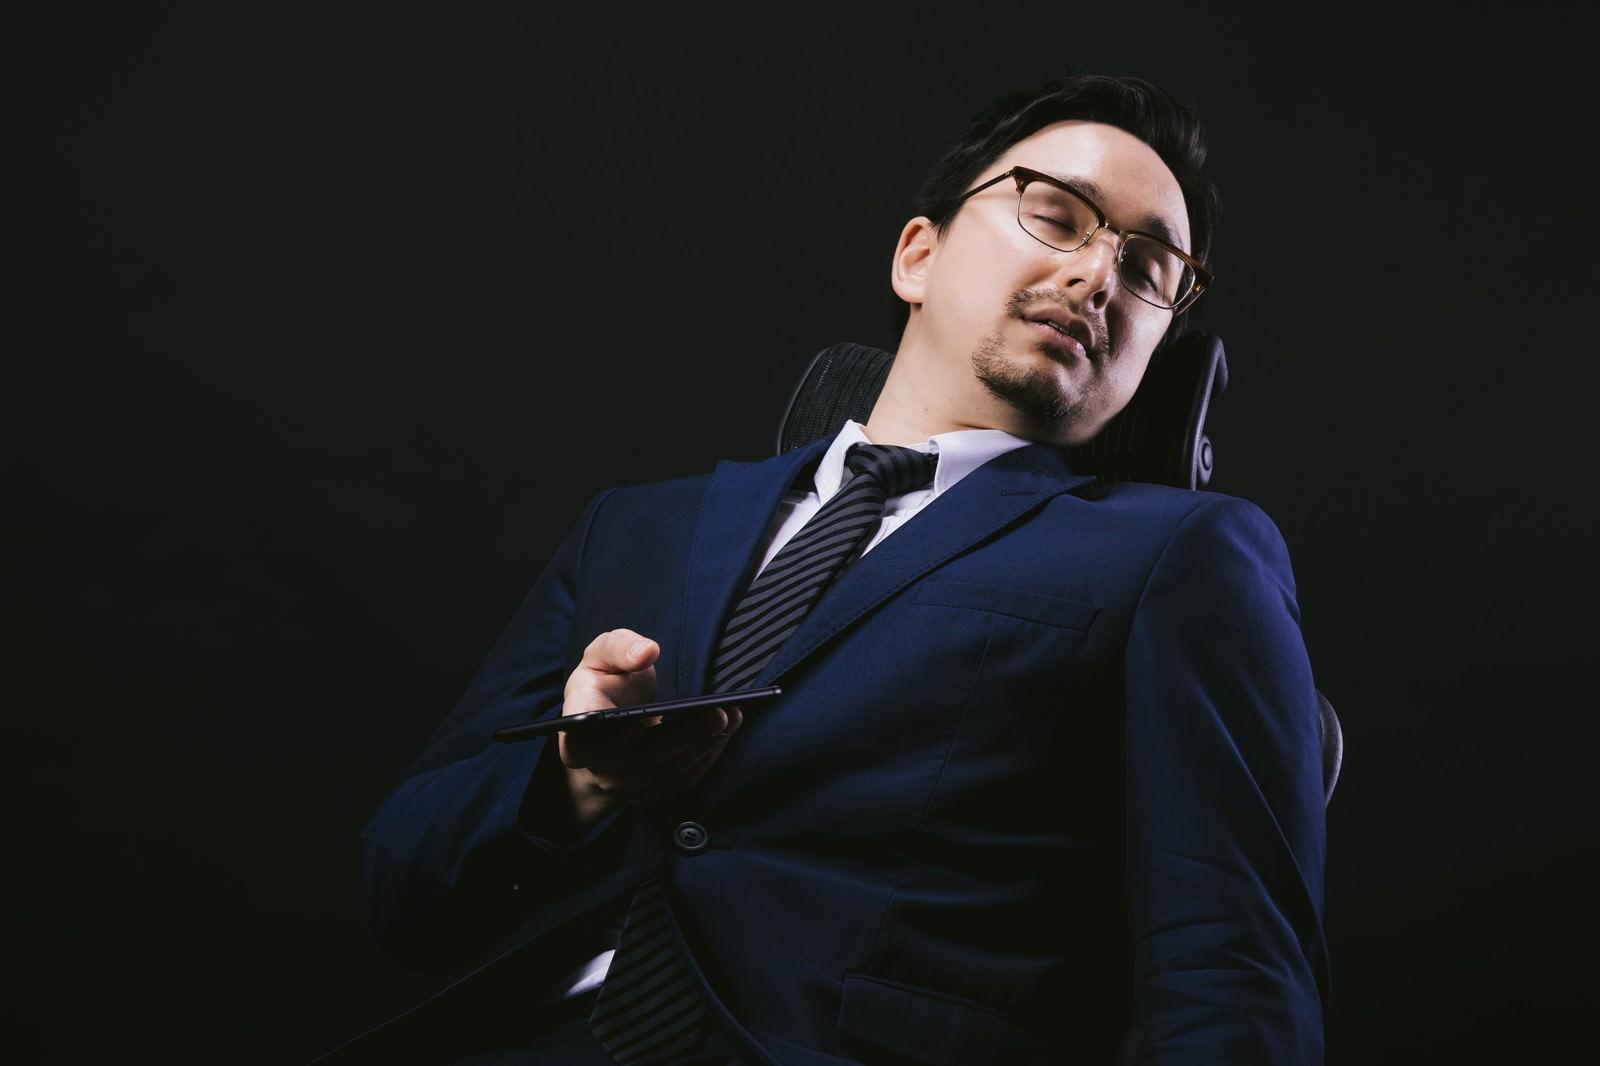 「スマホやりながら寝落ちするドイツ人ハーフスマホやりながら寝落ちするドイツ人ハーフ」[モデル:Max_Ezaki]のフリー写真素材を拡大